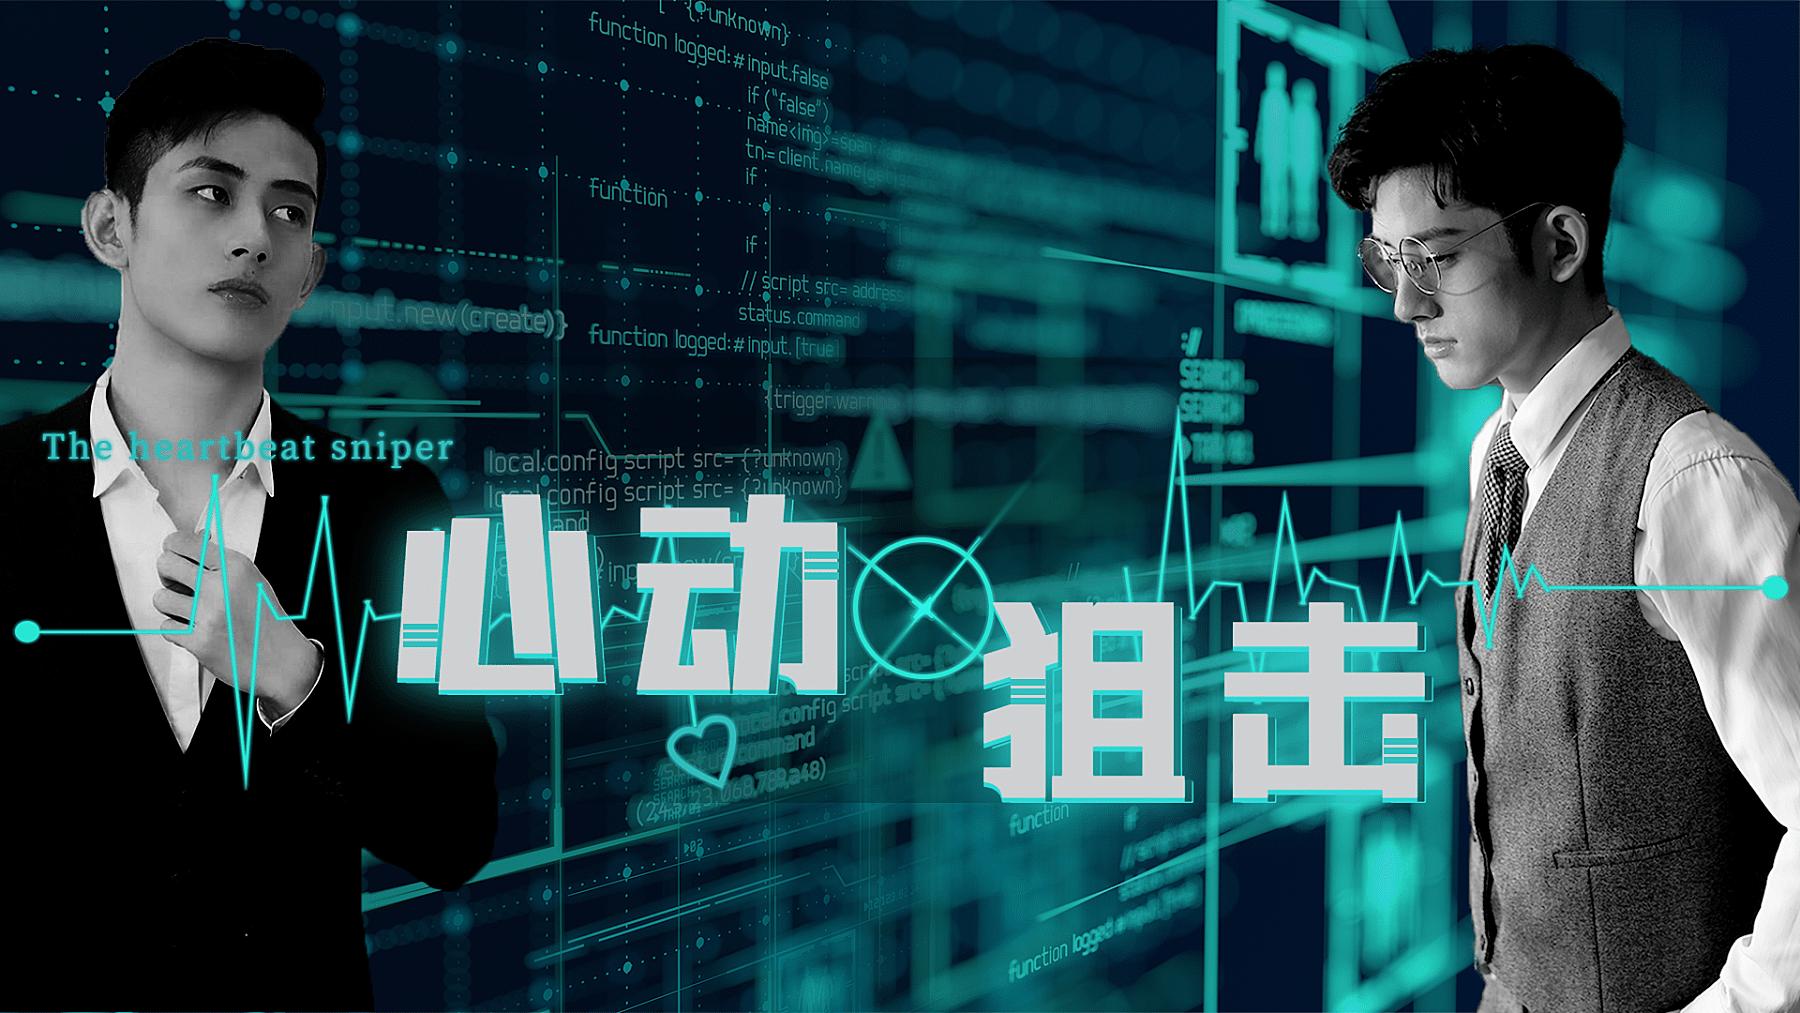 科技风未来科幻黑客拉郎视频封面